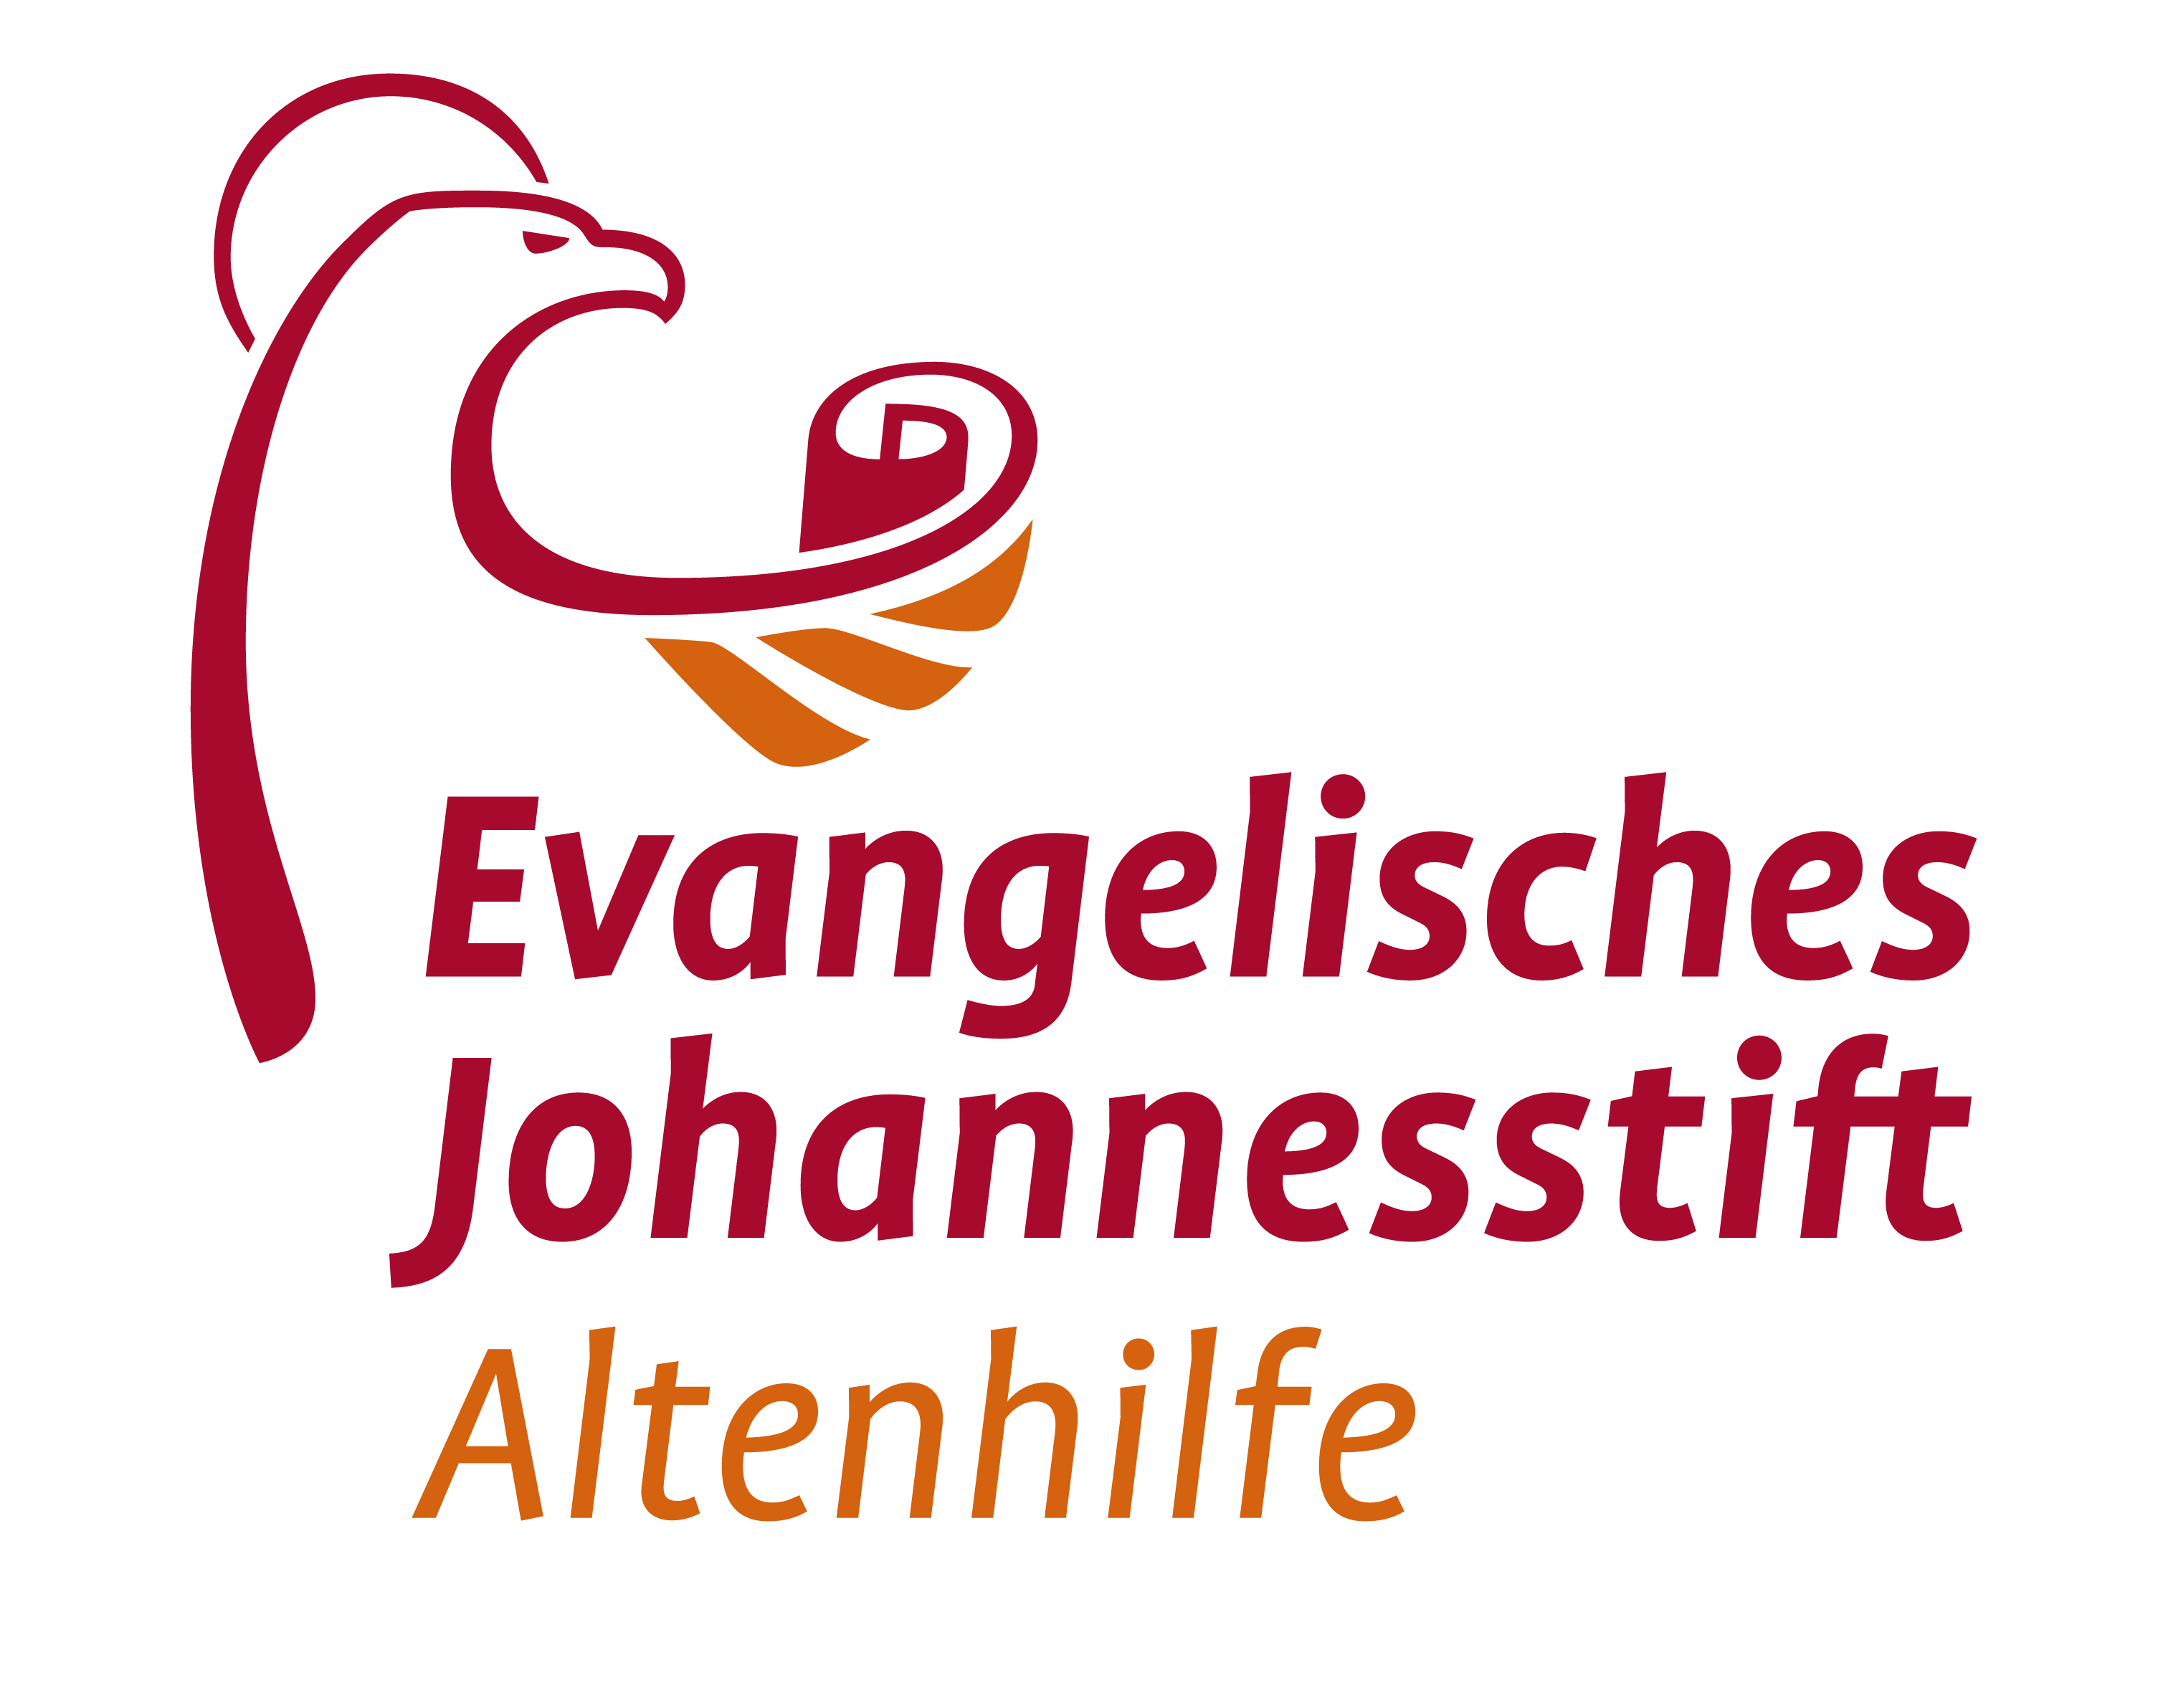 Logo: Evangelisches Johannesstift Altenhilfe